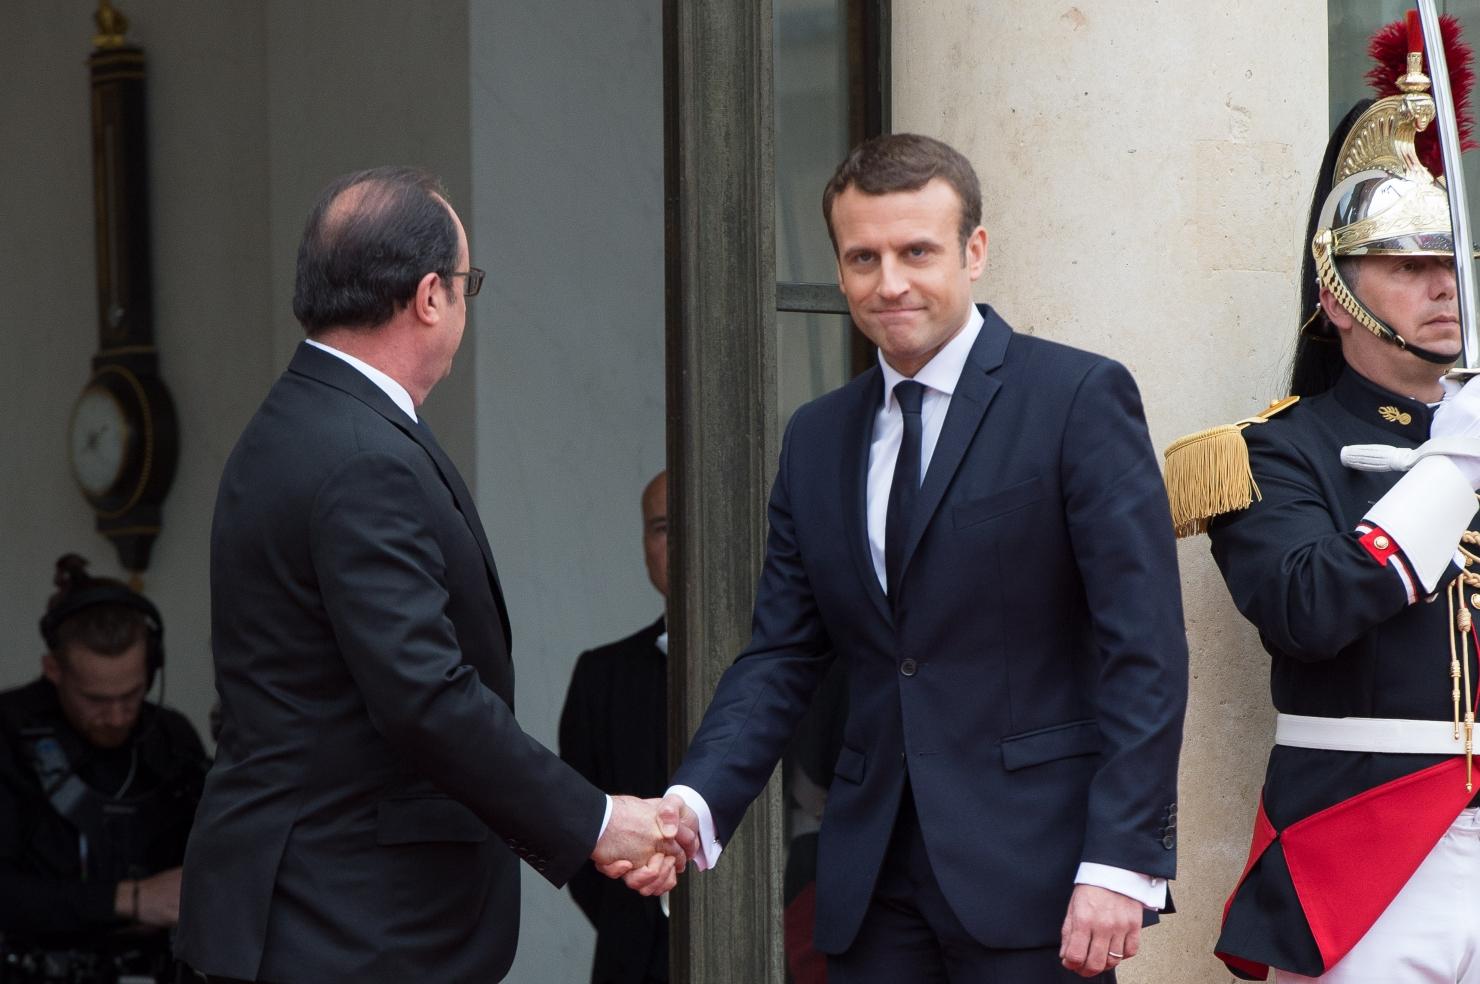 Ceremonie de învestire la Paris